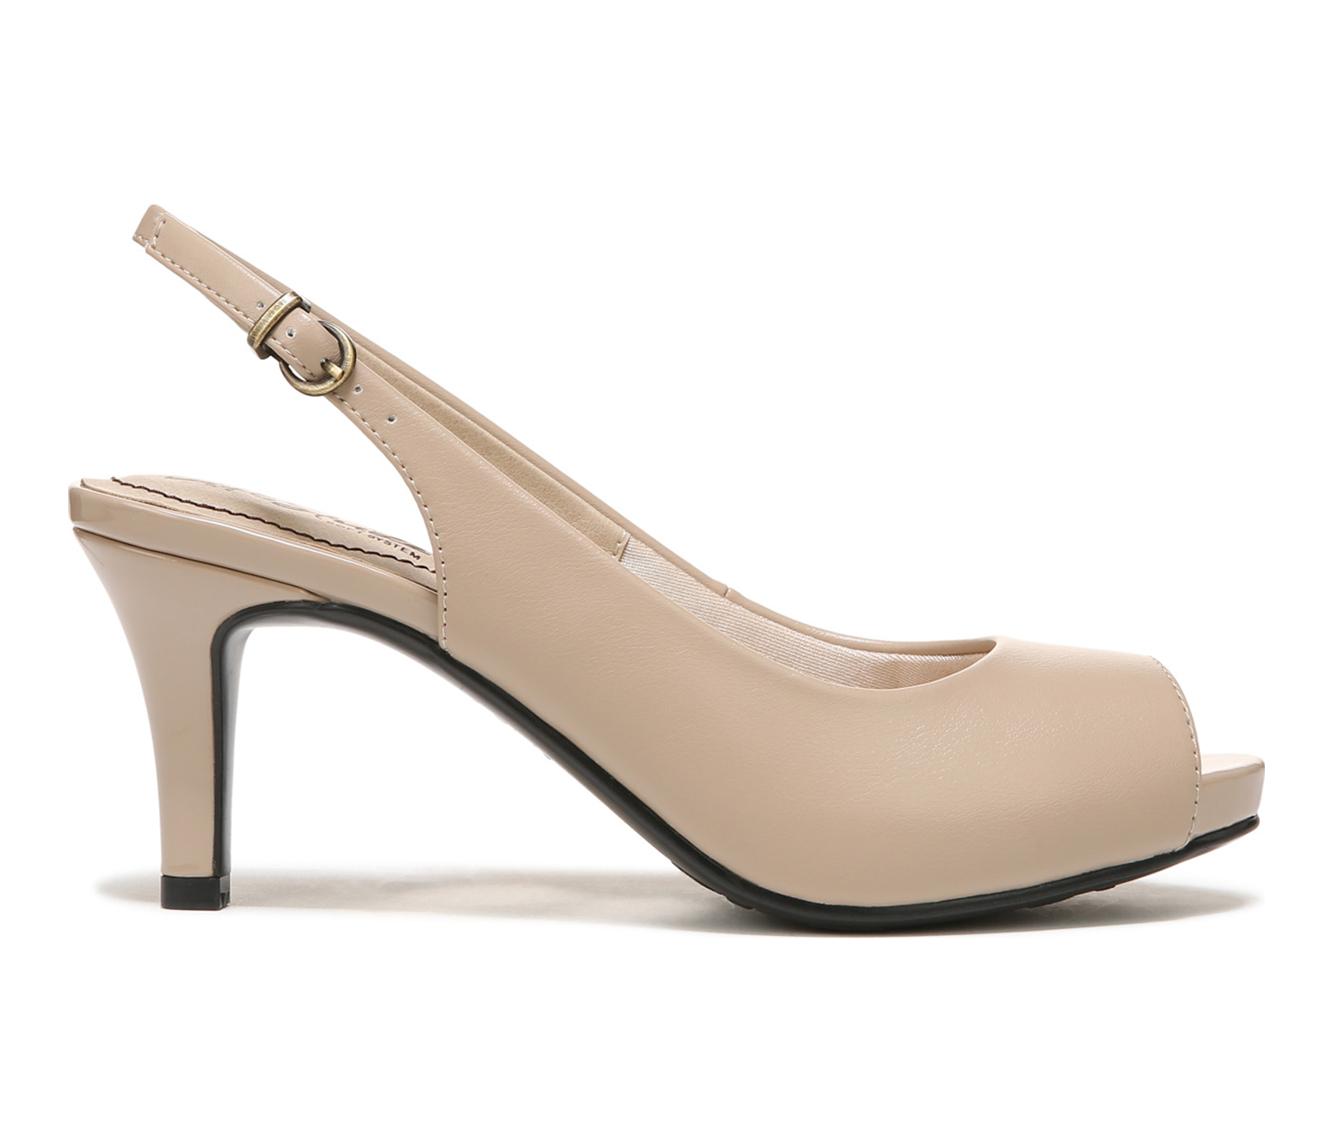 LifeStride Teller Women's Dress Shoe (Beige Faux Leather)